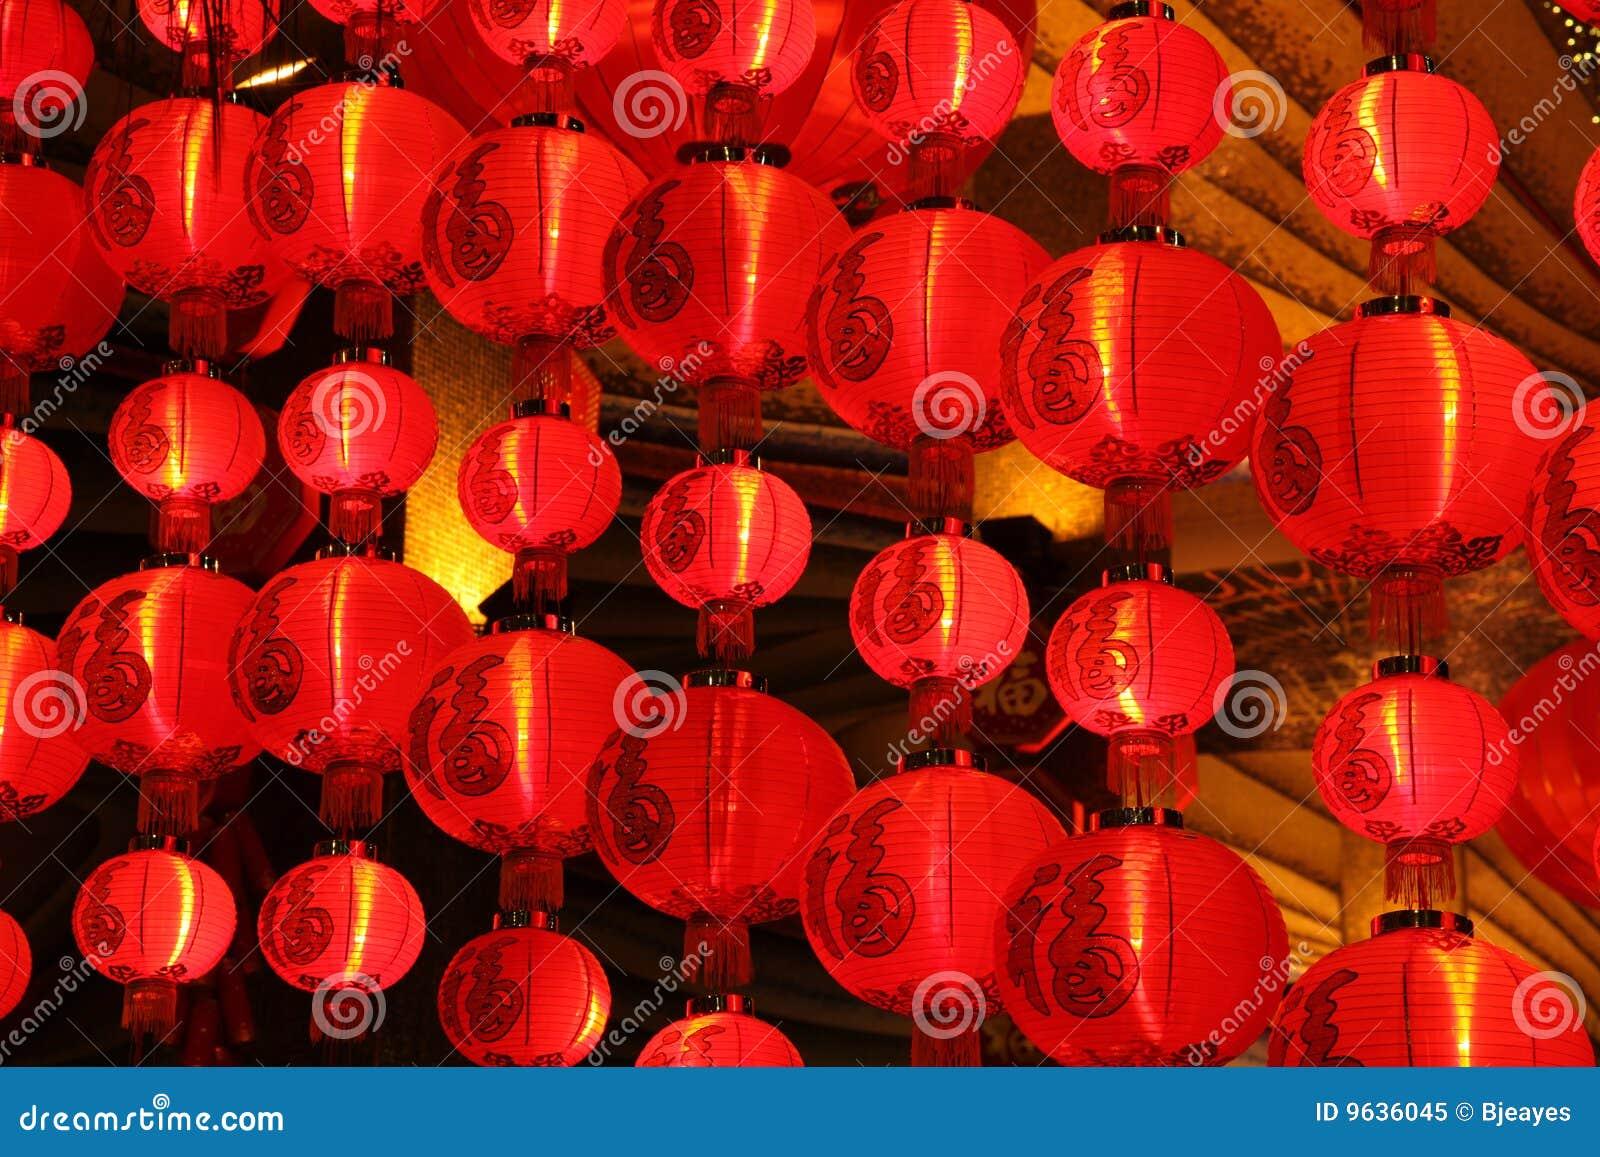 chinesische rote laternen macau stockbild bild von hell verzierung 9636045. Black Bedroom Furniture Sets. Home Design Ideas